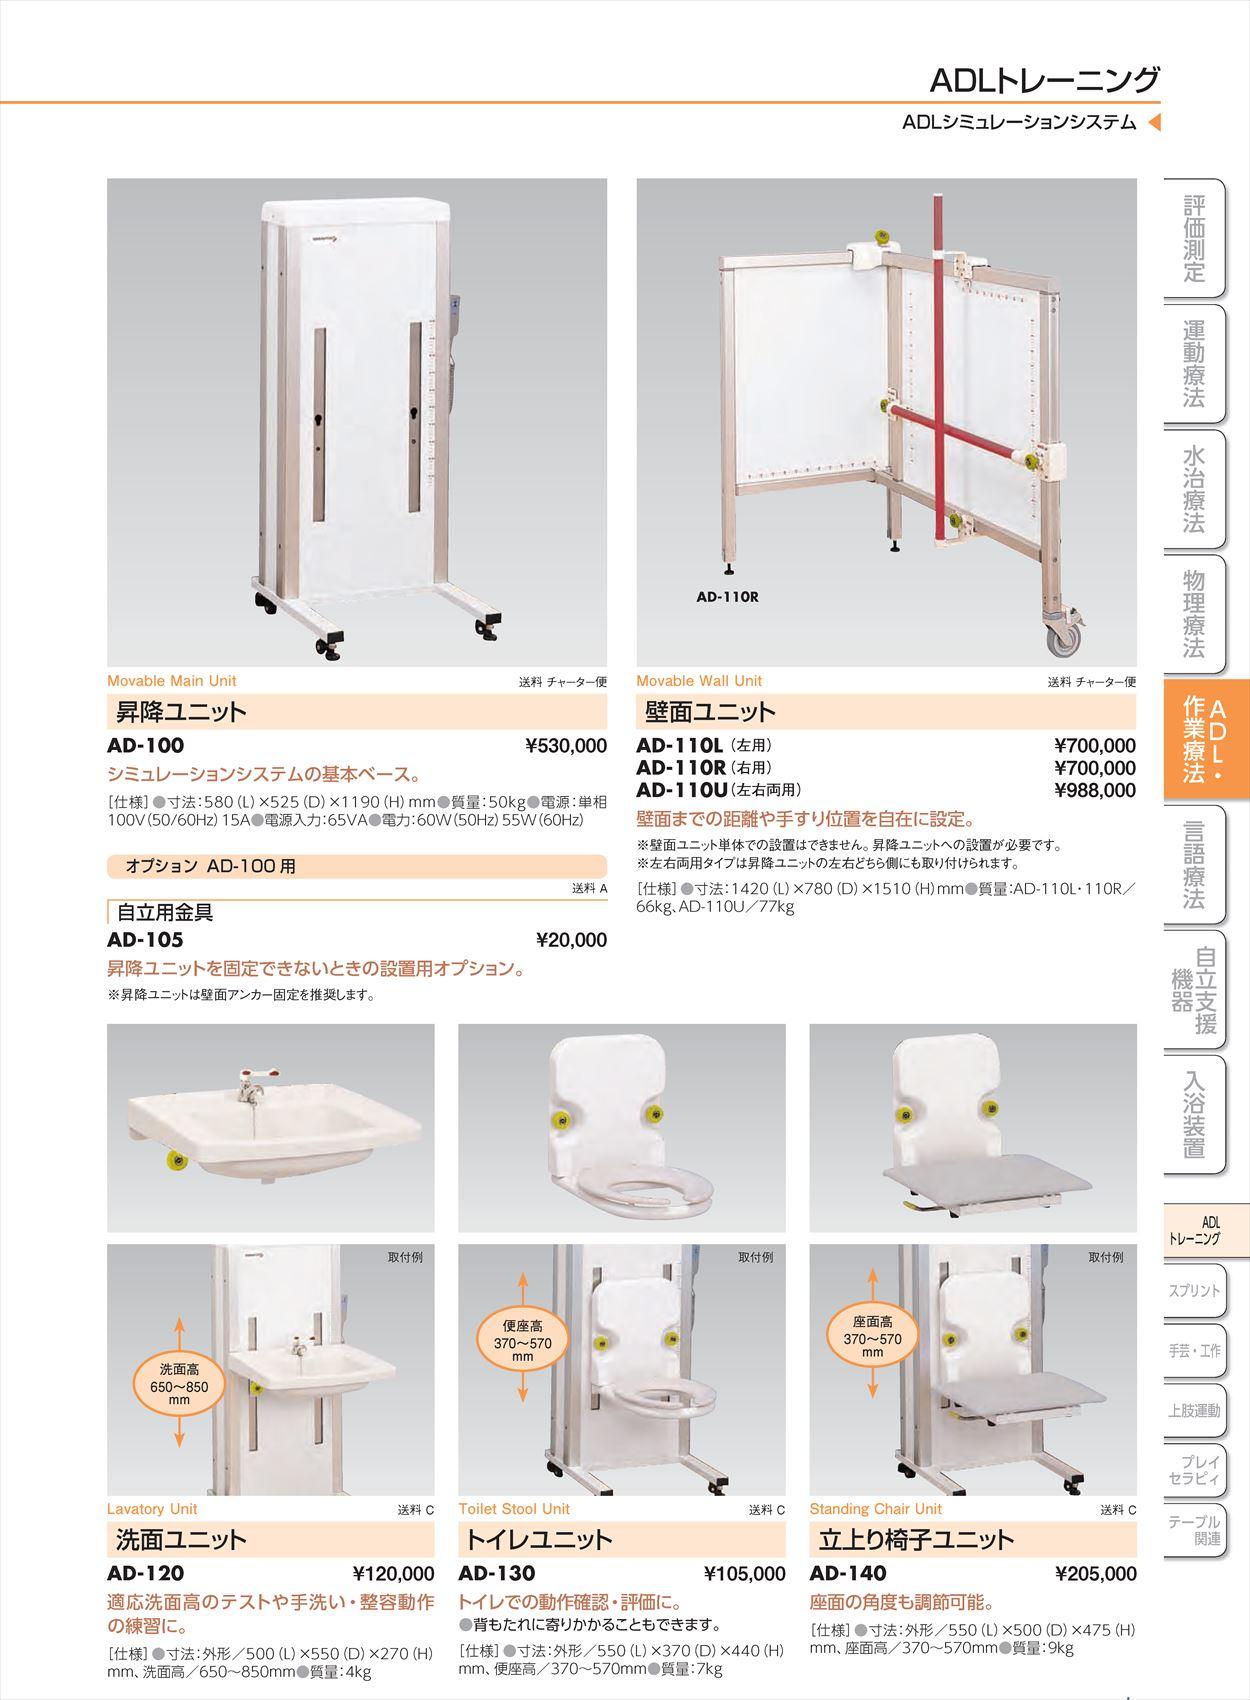 【※送料別途】トイレユニットAD-130[台](sa08410360)【酒井医療】